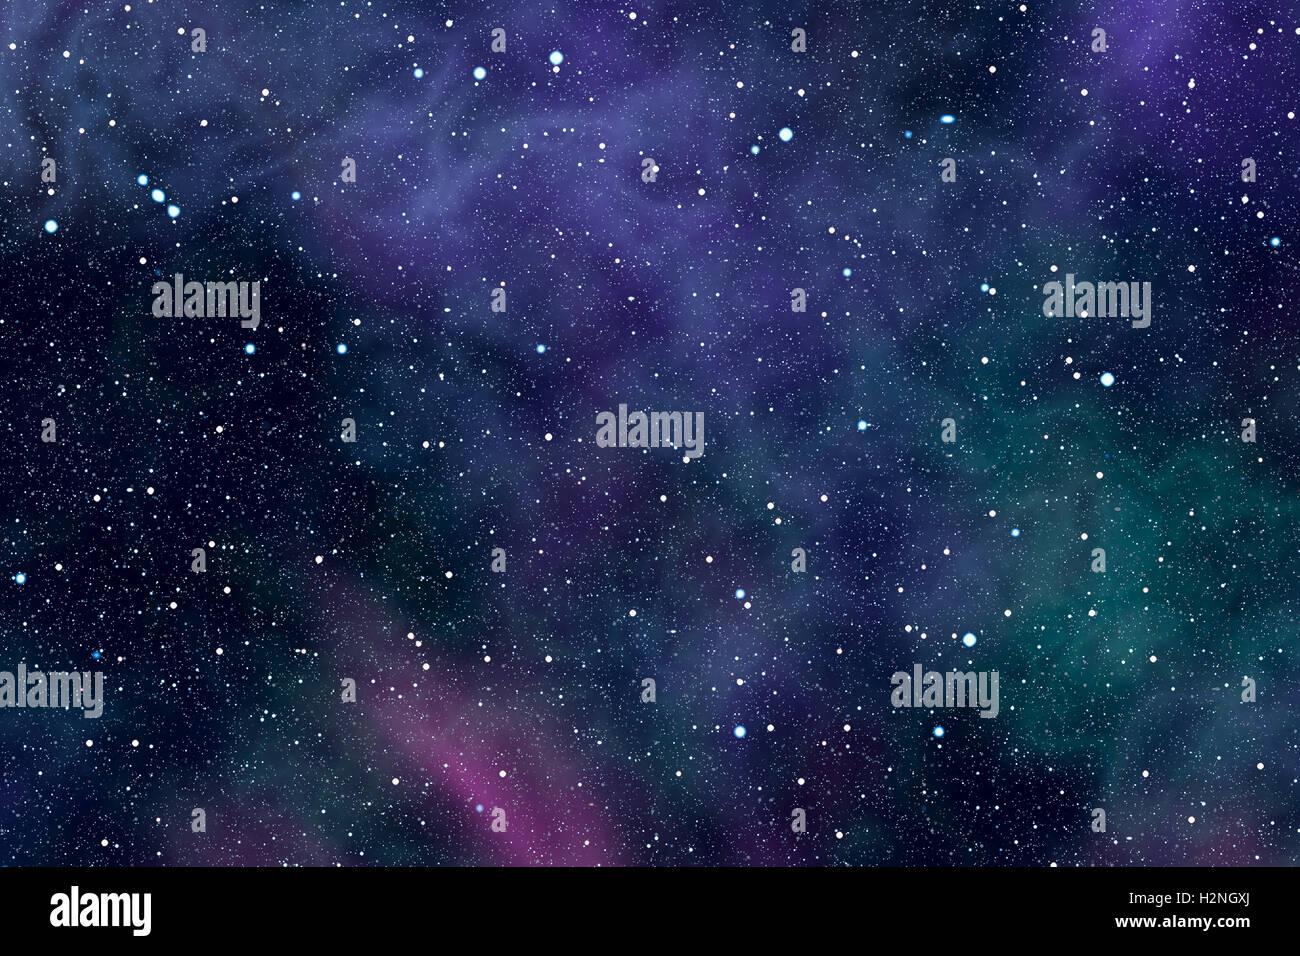 Résumé fond haute résolution avec l'espace cosmique rempli par des étoiles et des nébuleuses Photo Stock